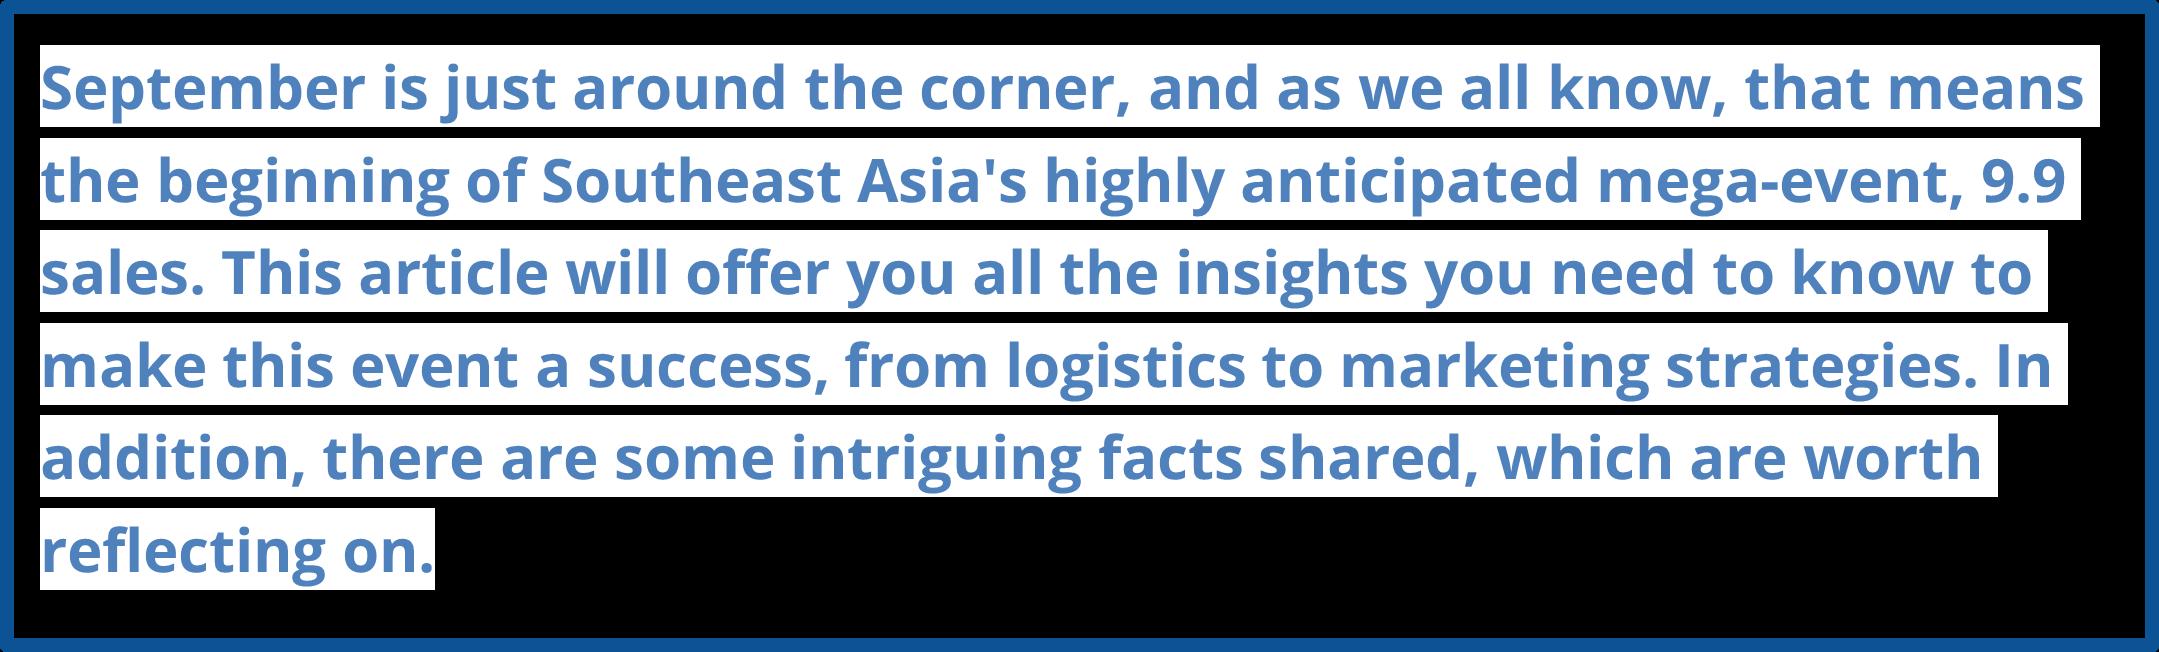 southeast asia e-commerce